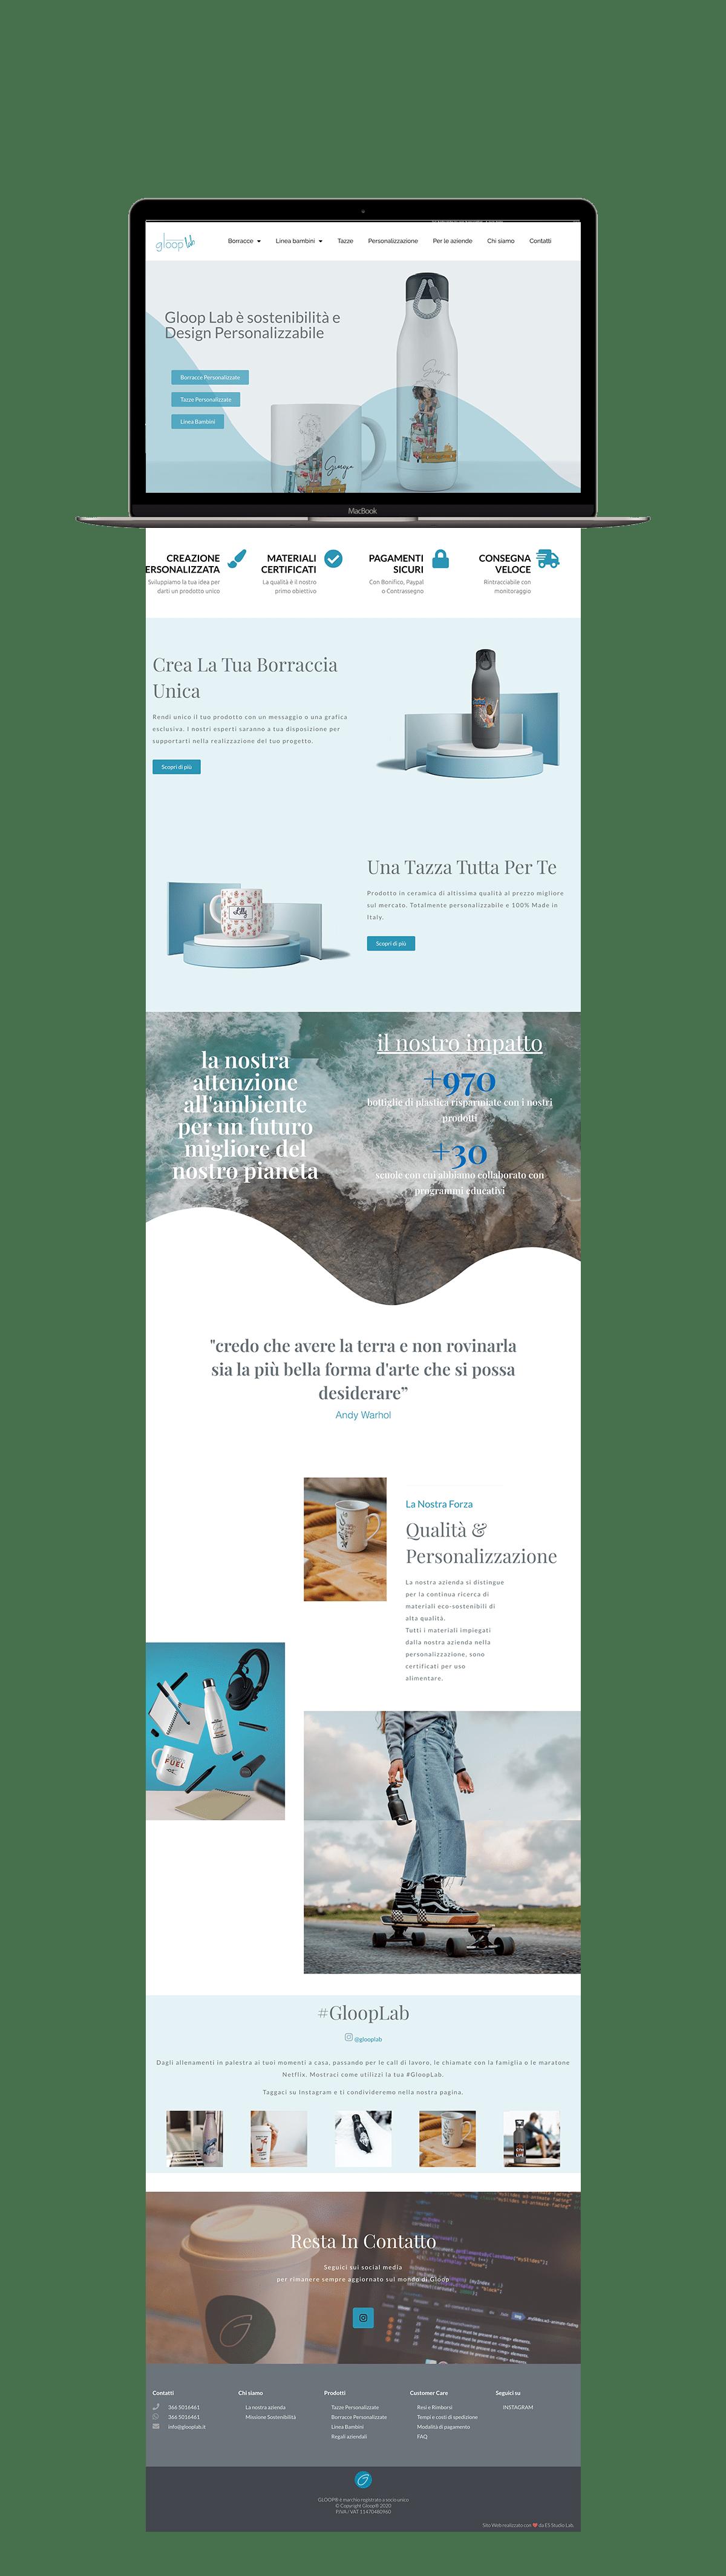 realizzazione sito web responsive per gloop lab